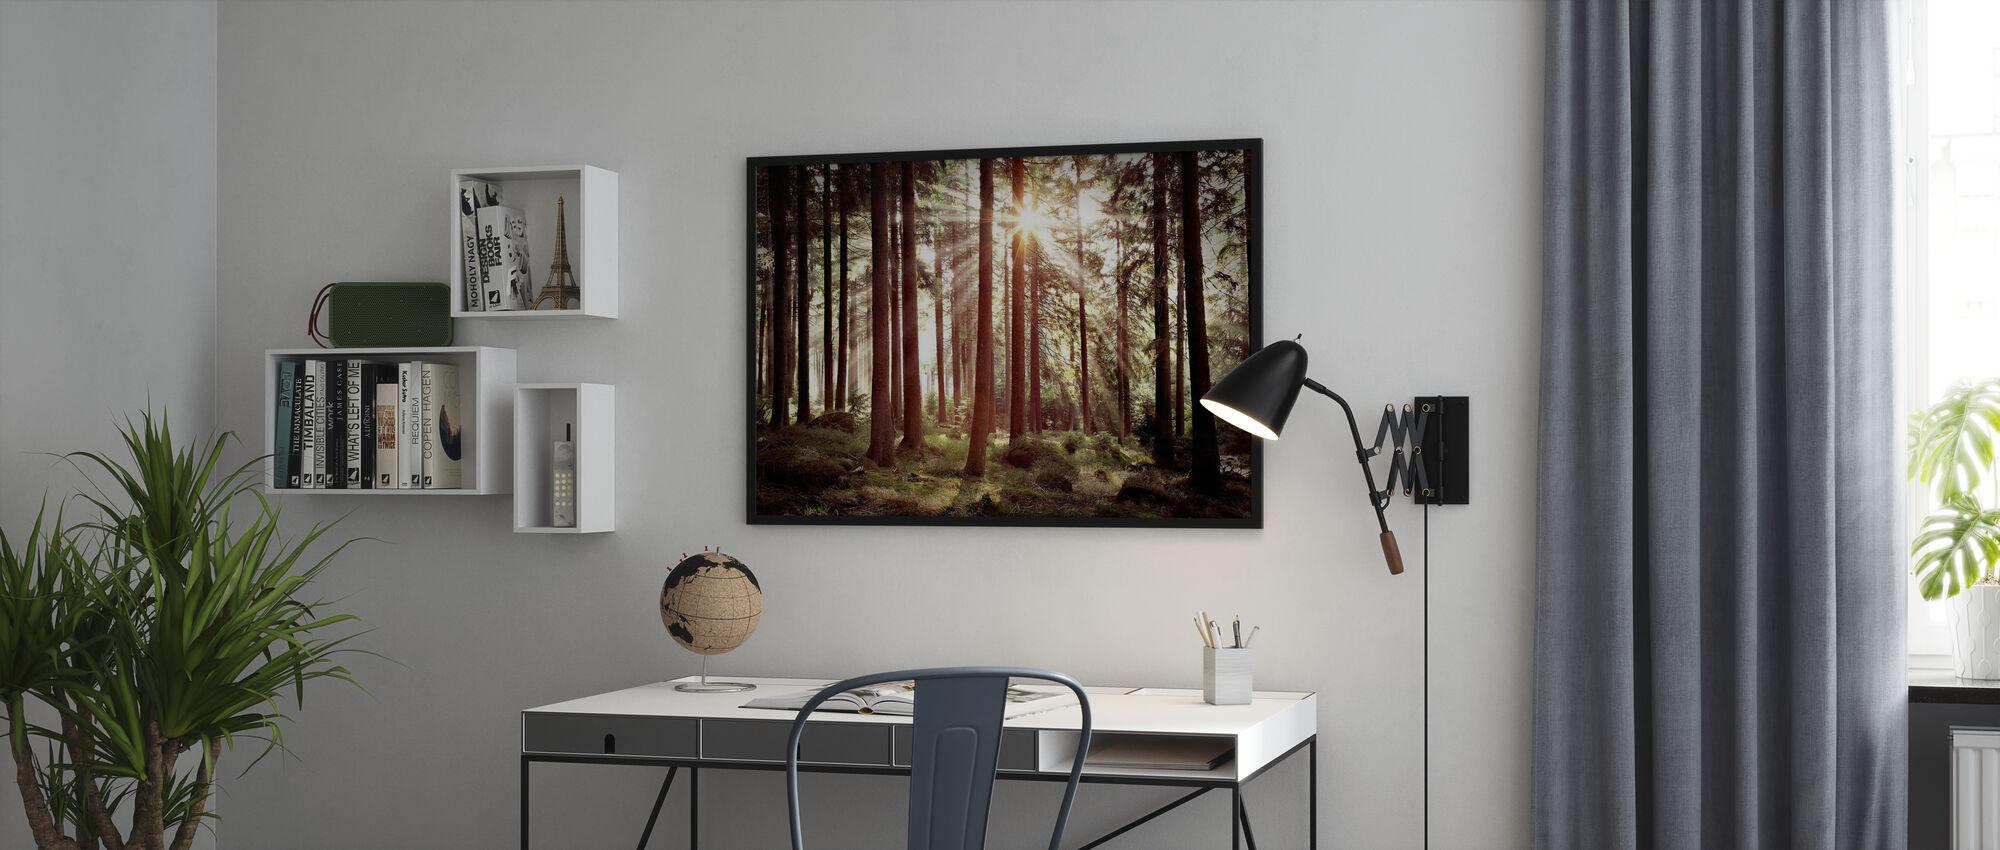 Solstrålen gennem træer - Retro - Plakat - Kontor